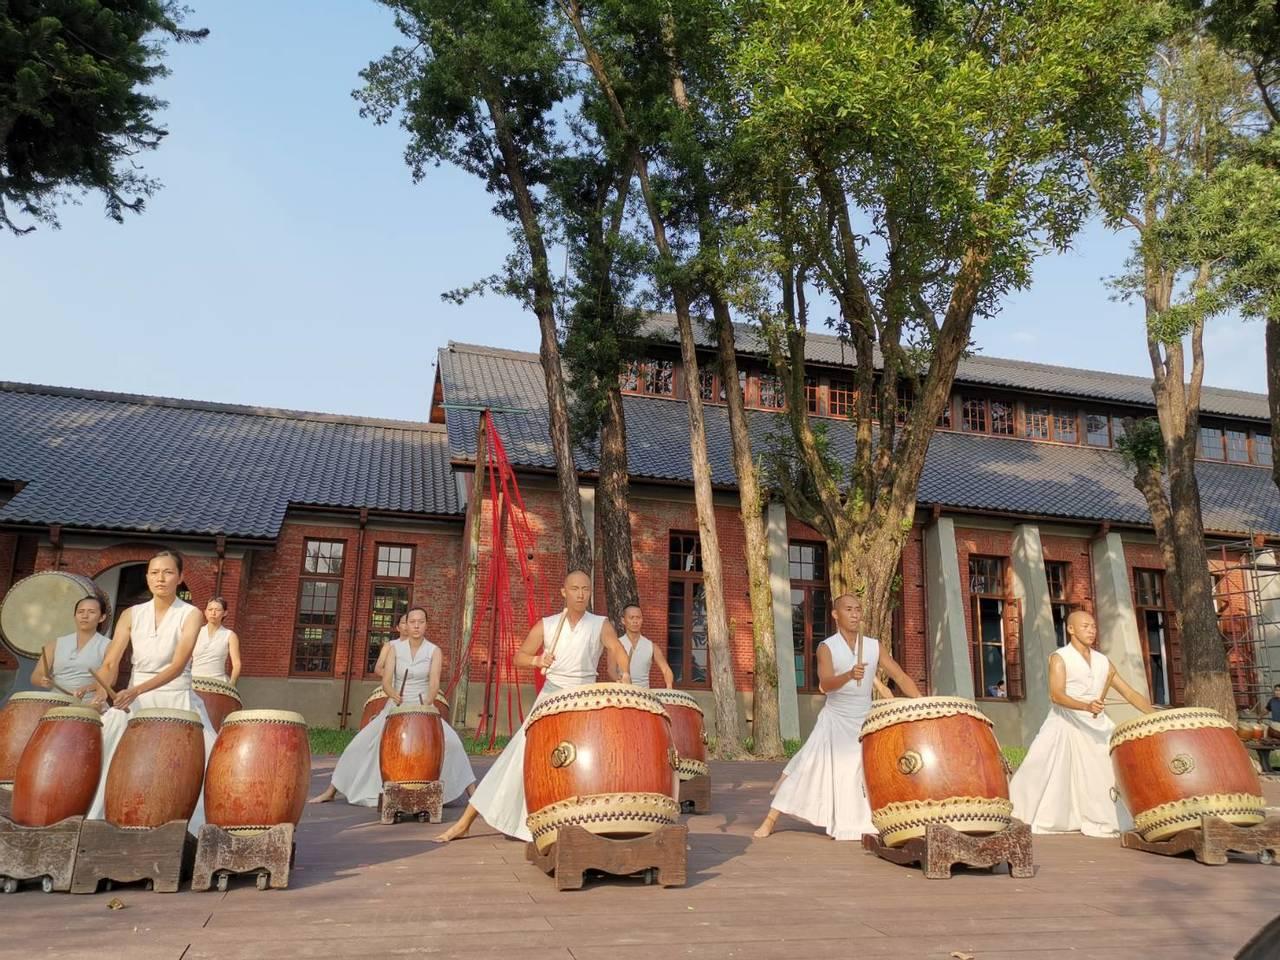 台南山上花園水道博物館下午開幕典禮,由優人神鼓開場表演震撼人心。記者吳淑玲/攝影